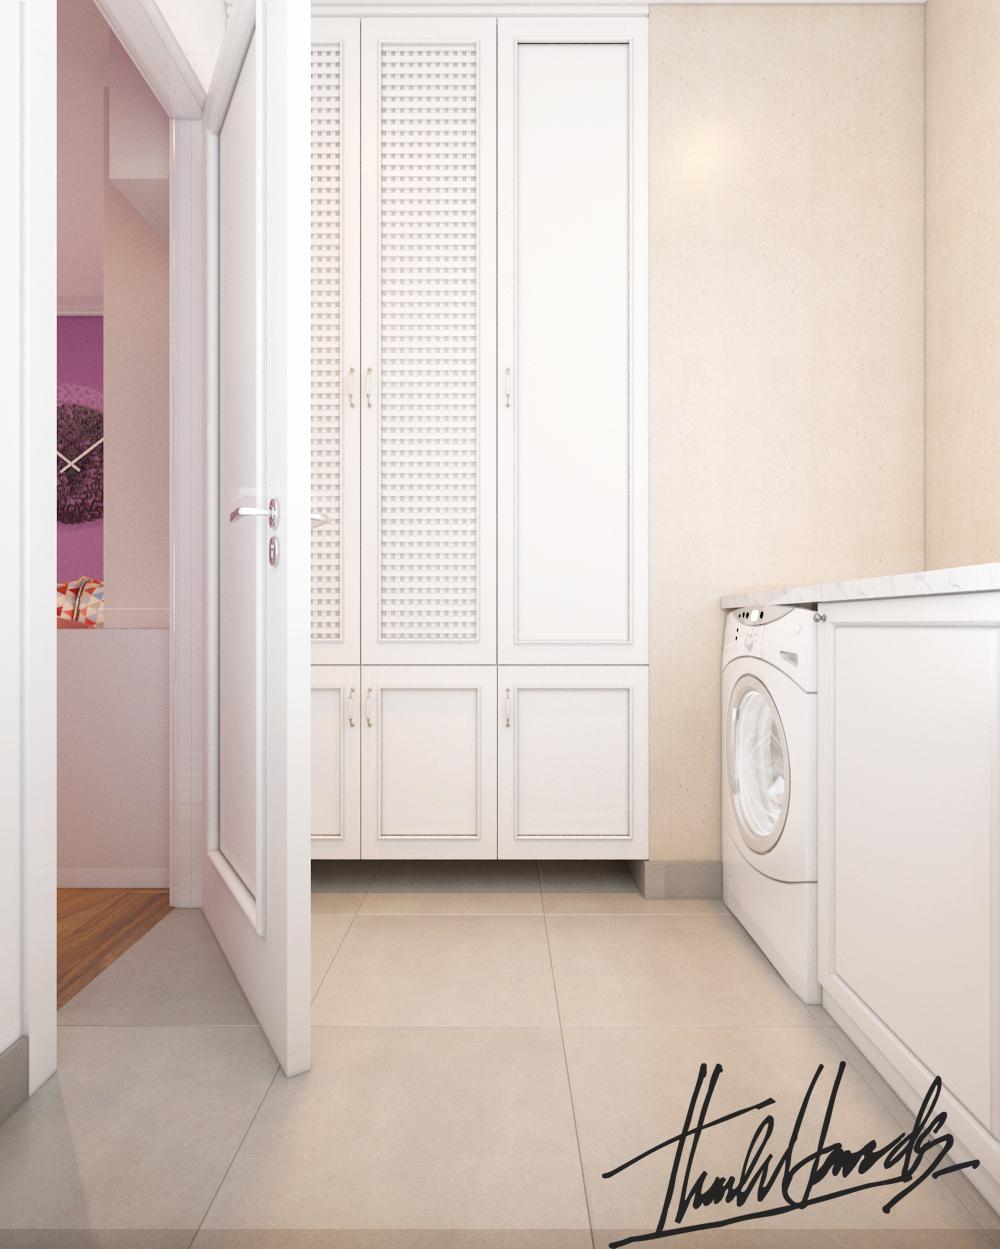 thiết kế nội thất chung cư tại Hà Nội chung cư trang an complex 0 1568277027